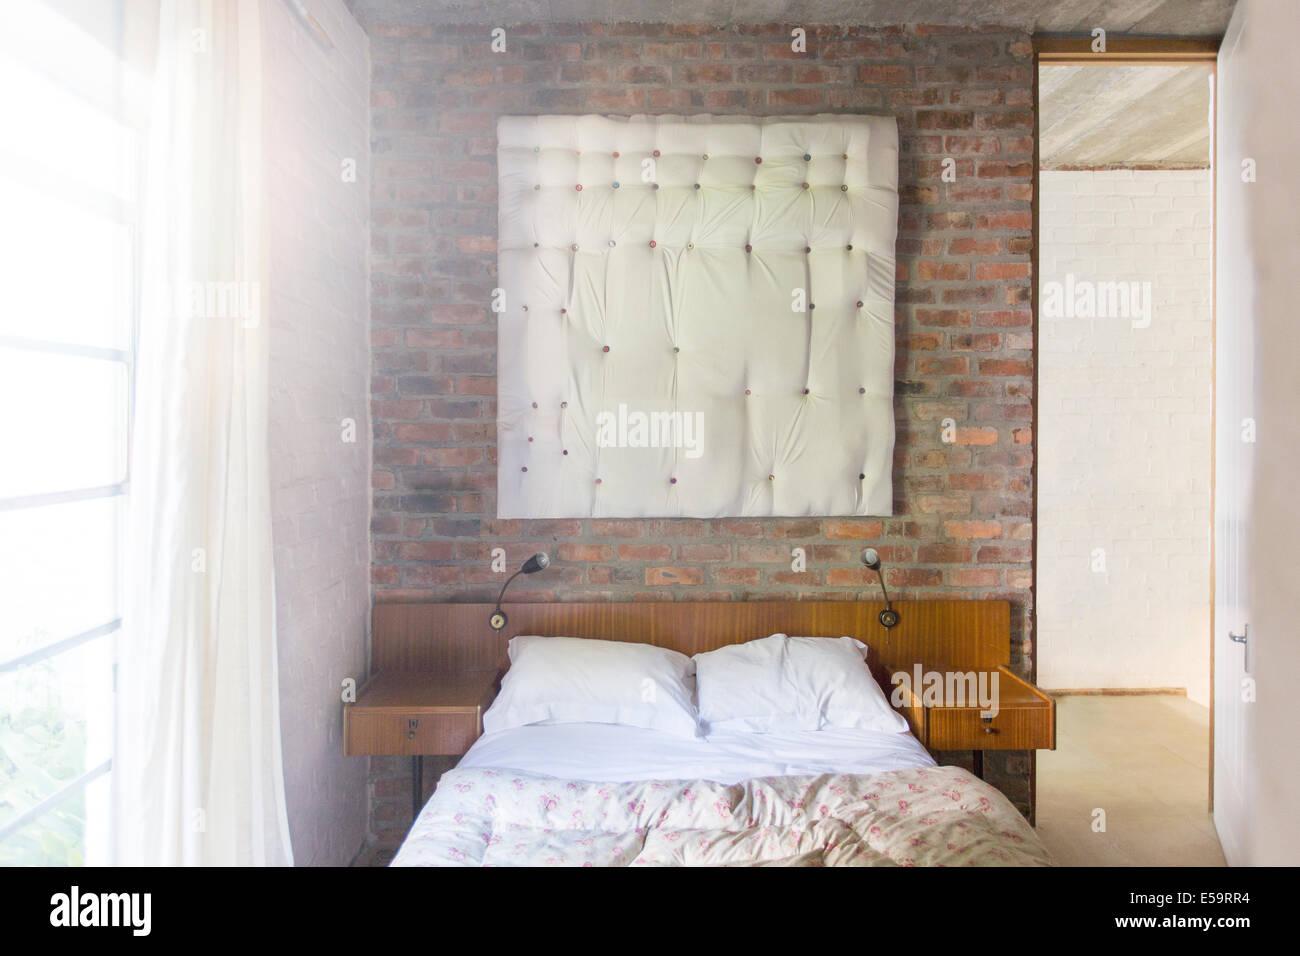 Per il montaggio a parete nella camera da letto moderna Immagini Stock